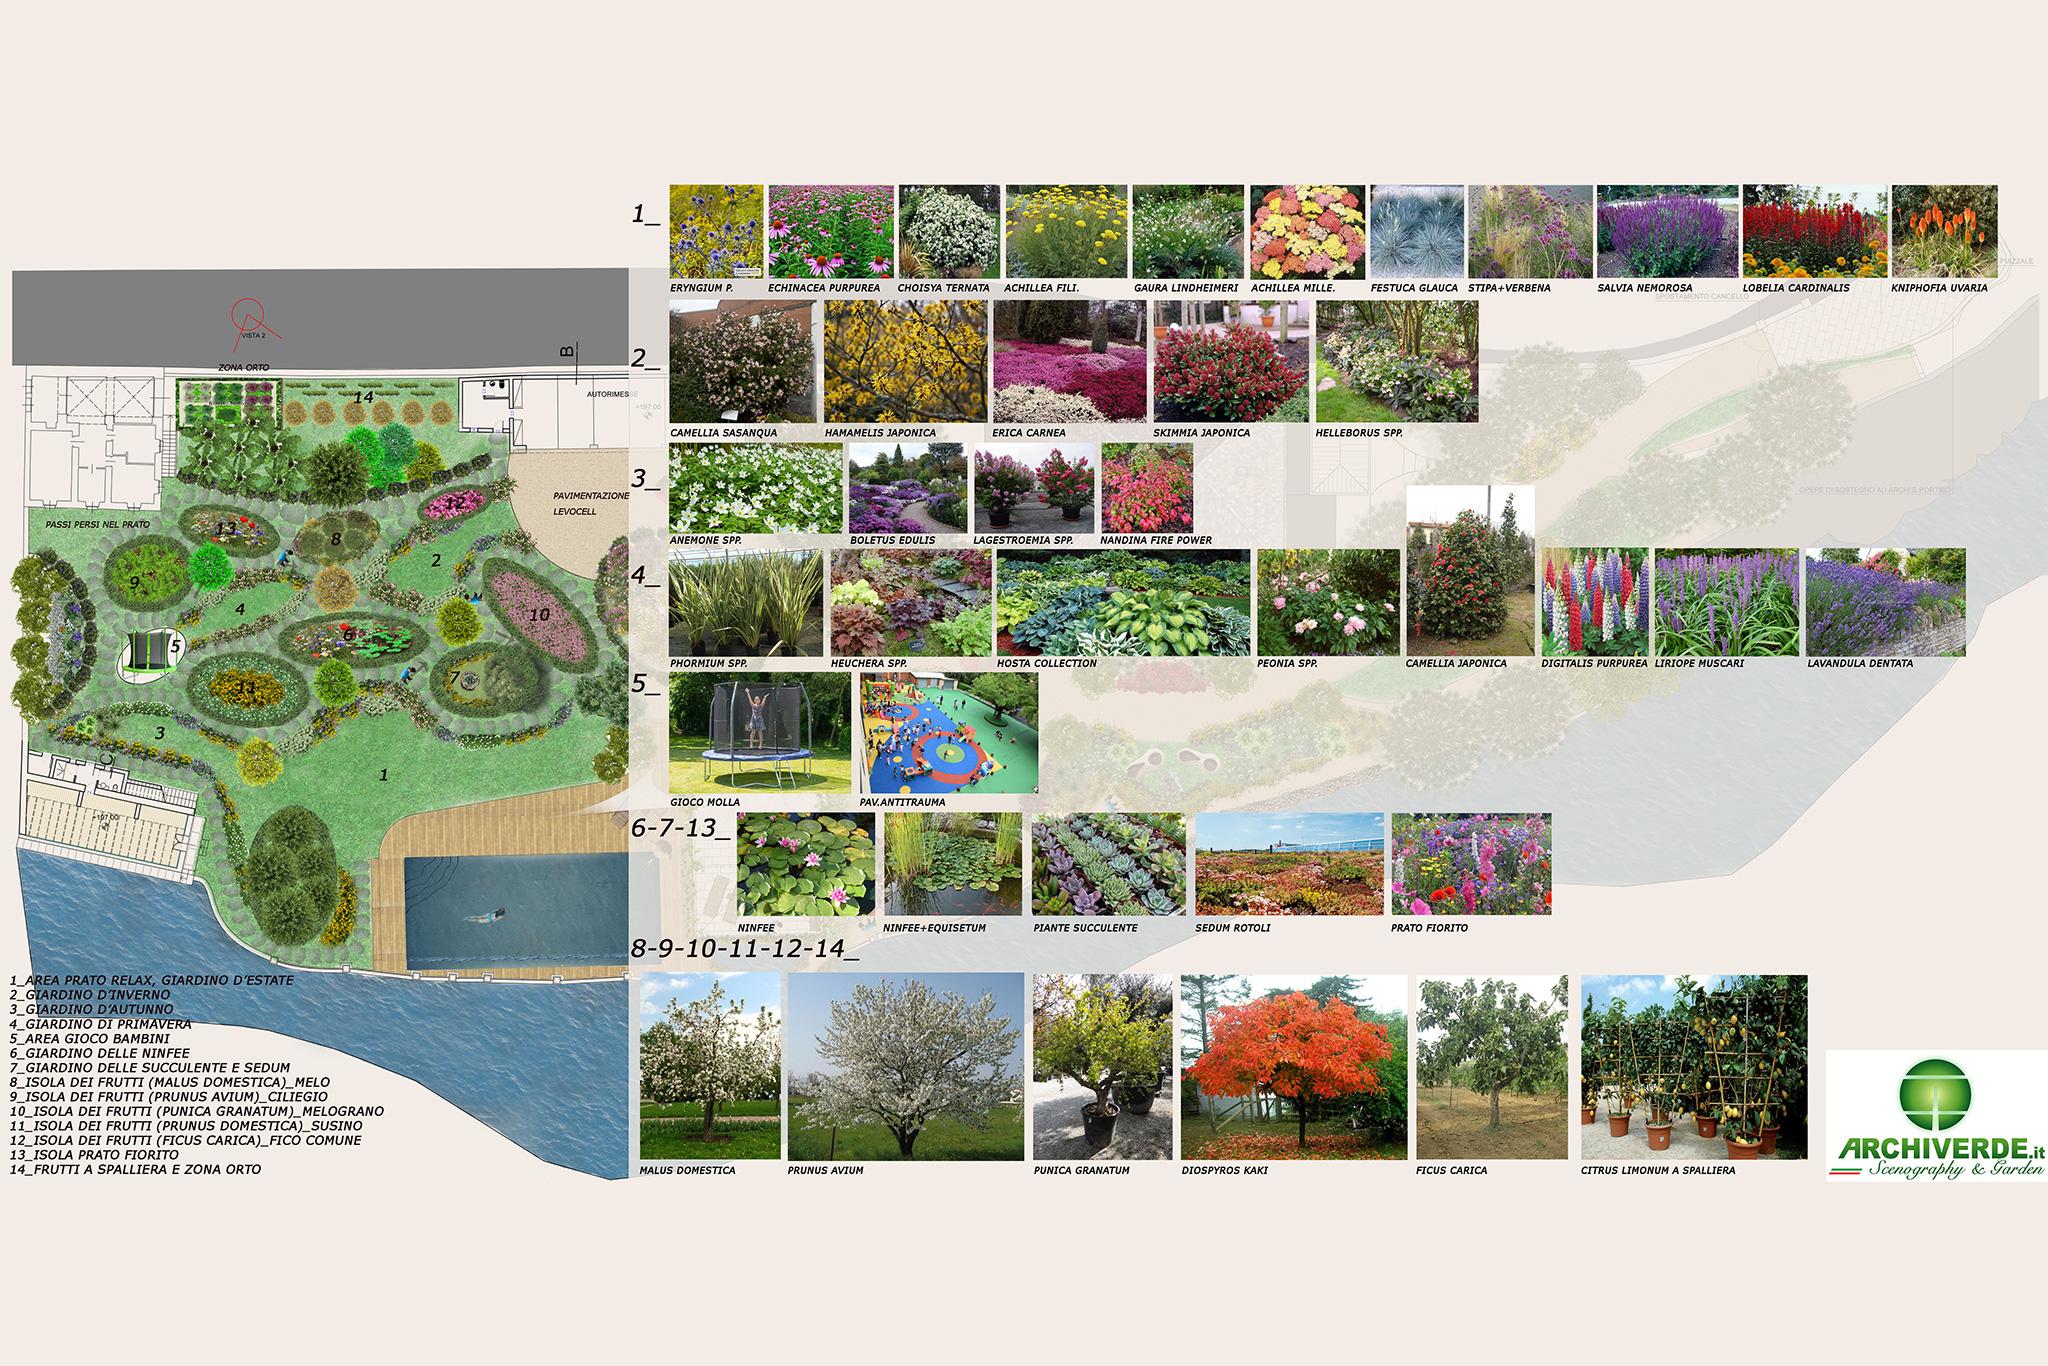 Archiverde-portfolio-progettazione-18